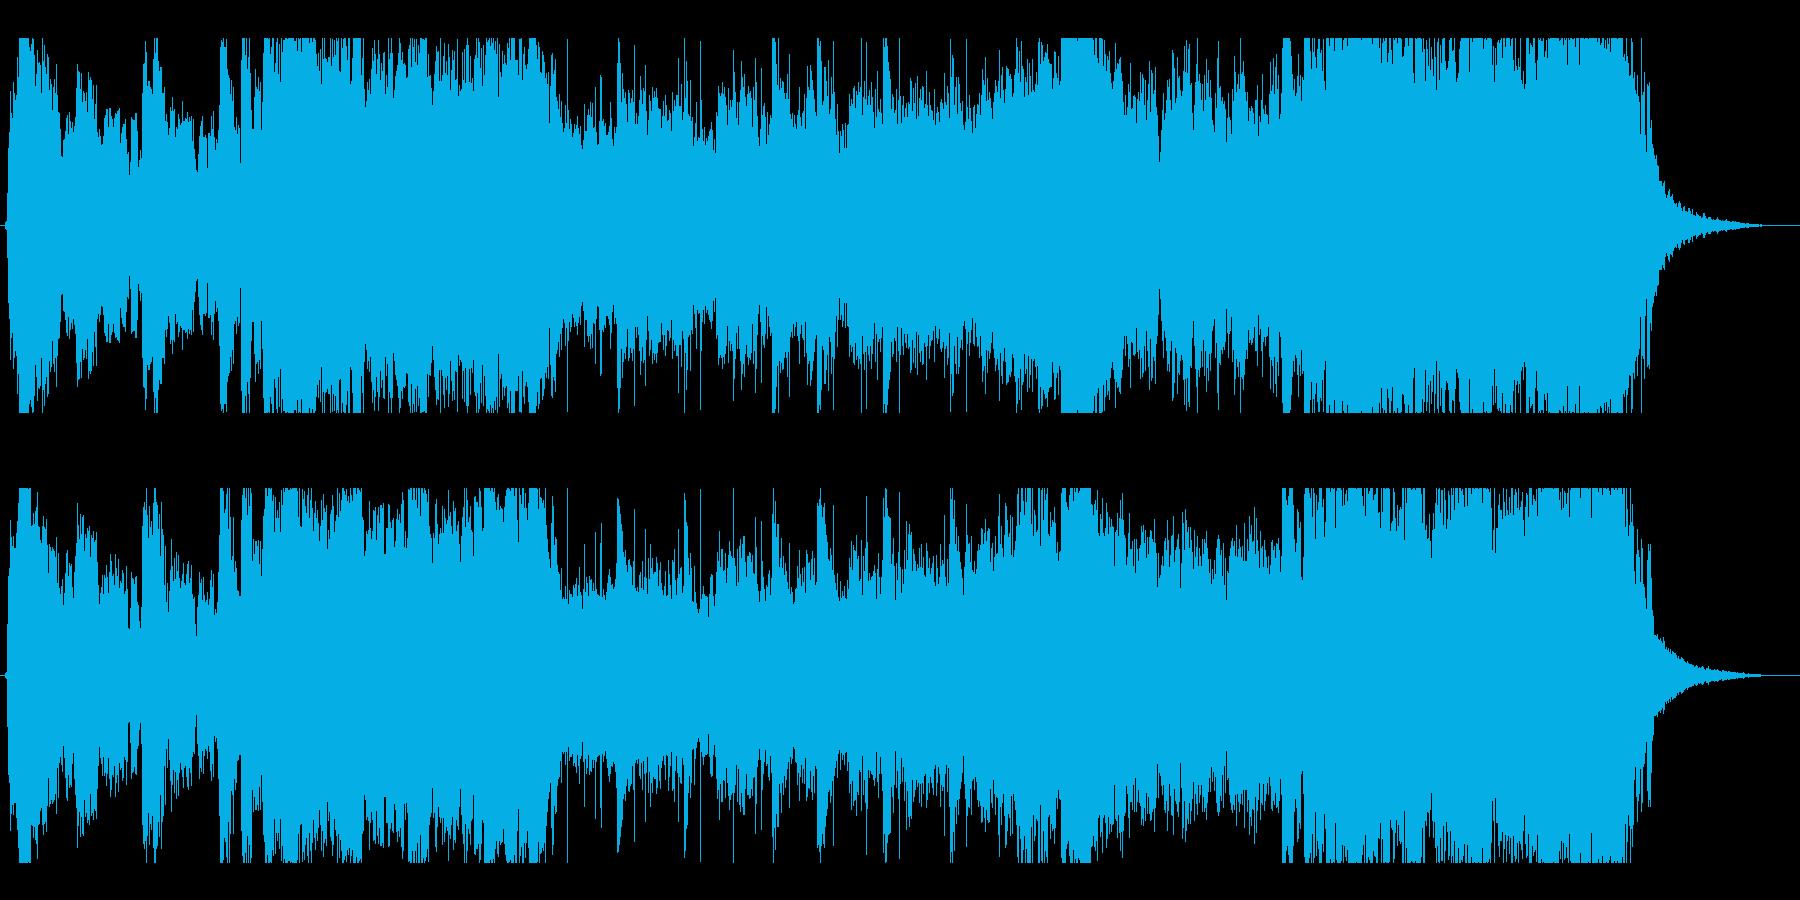 メッセージある迫力のBGM(サントラ風)の再生済みの波形